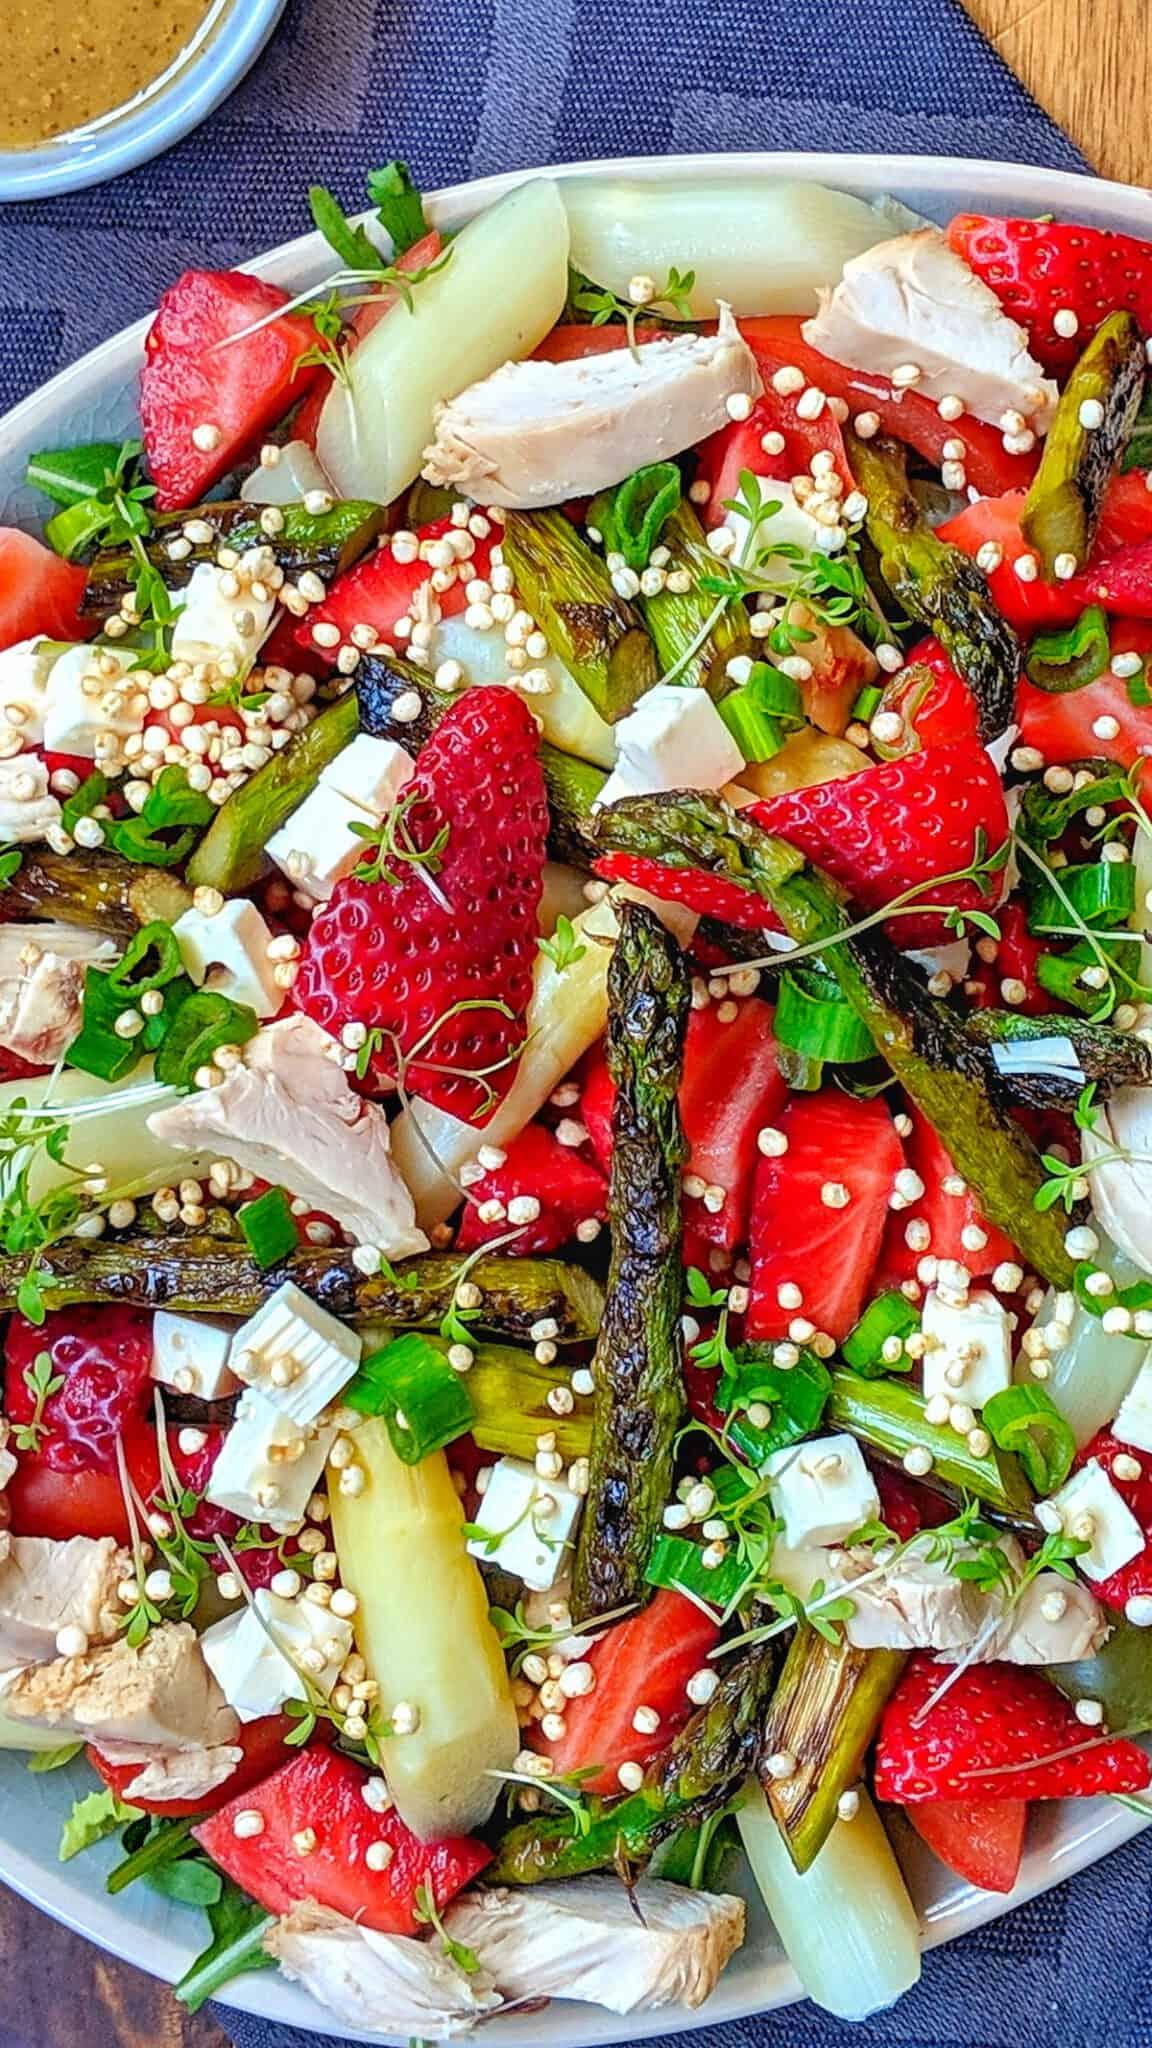 Ein Teller mit Erdbeer-Spargel Salat mit Deko im Hintergrund